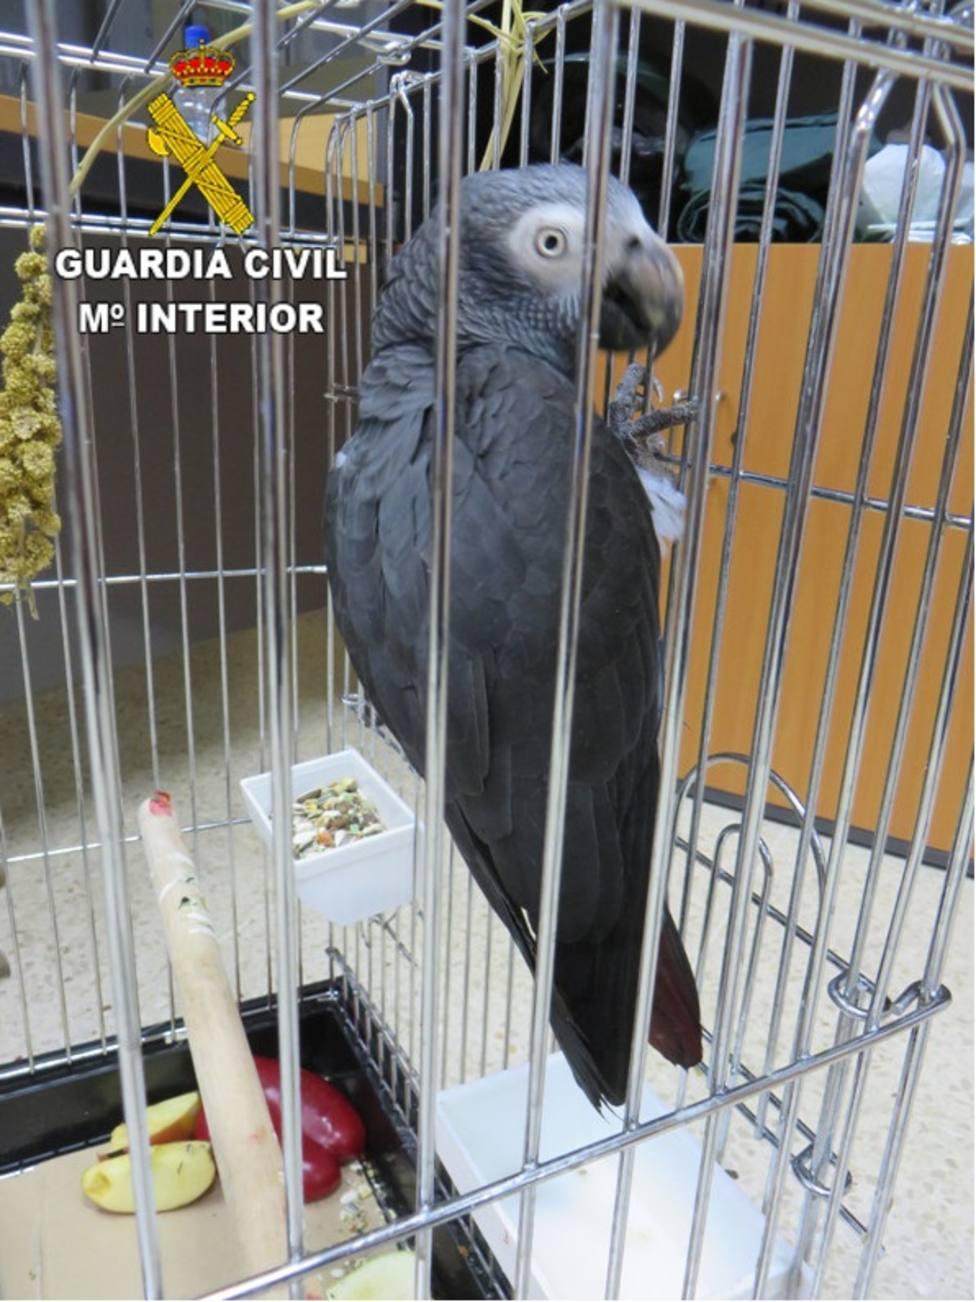 Encuentran un loro en peligro de extinción enjaulado en una asociación cannábica en Gran Canaria